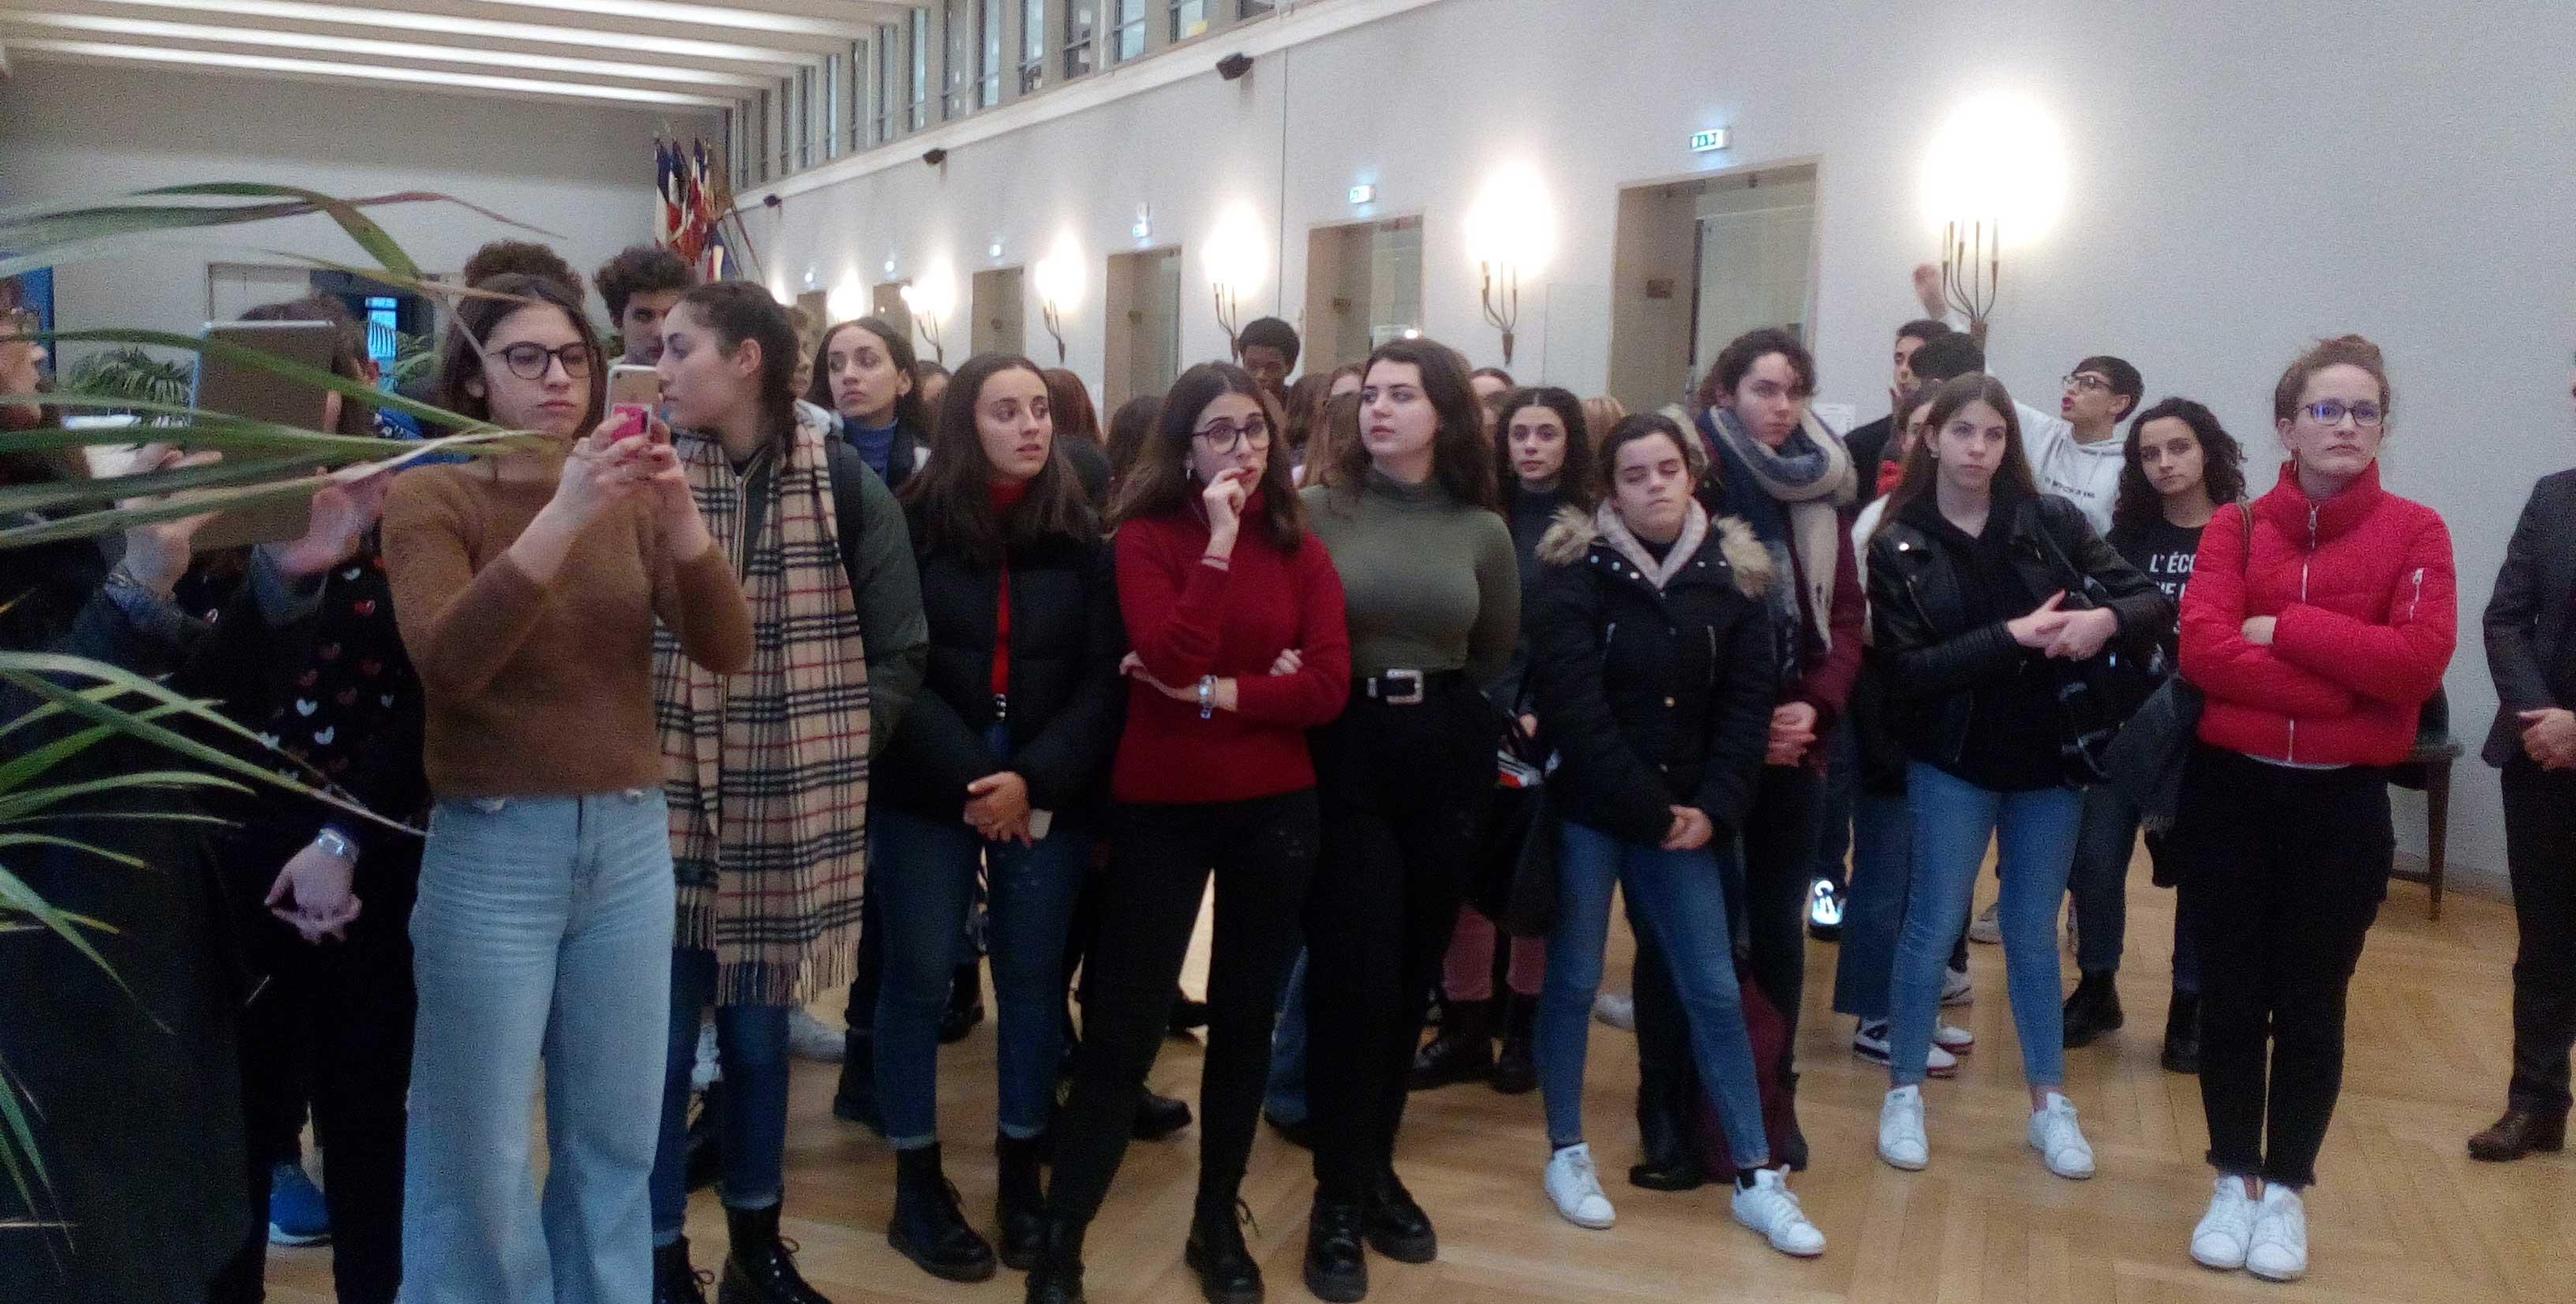 L'accueil des jeunes siciliens en mairie